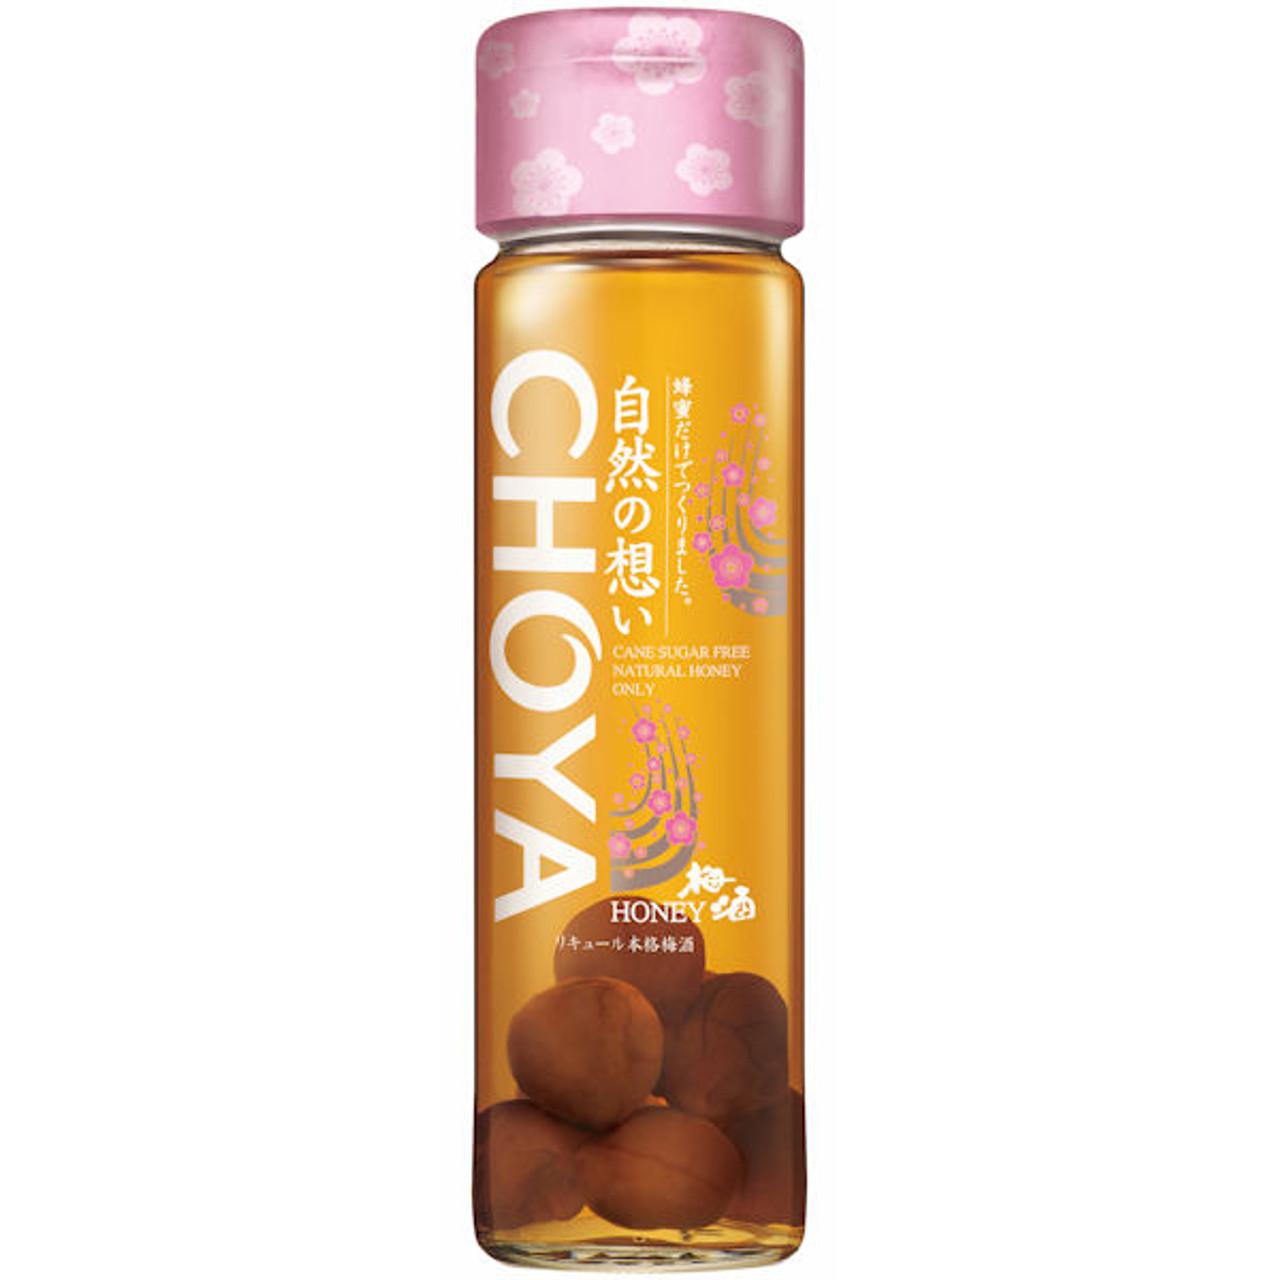 Choya Umeshu Honey Fruit Wine 750ml